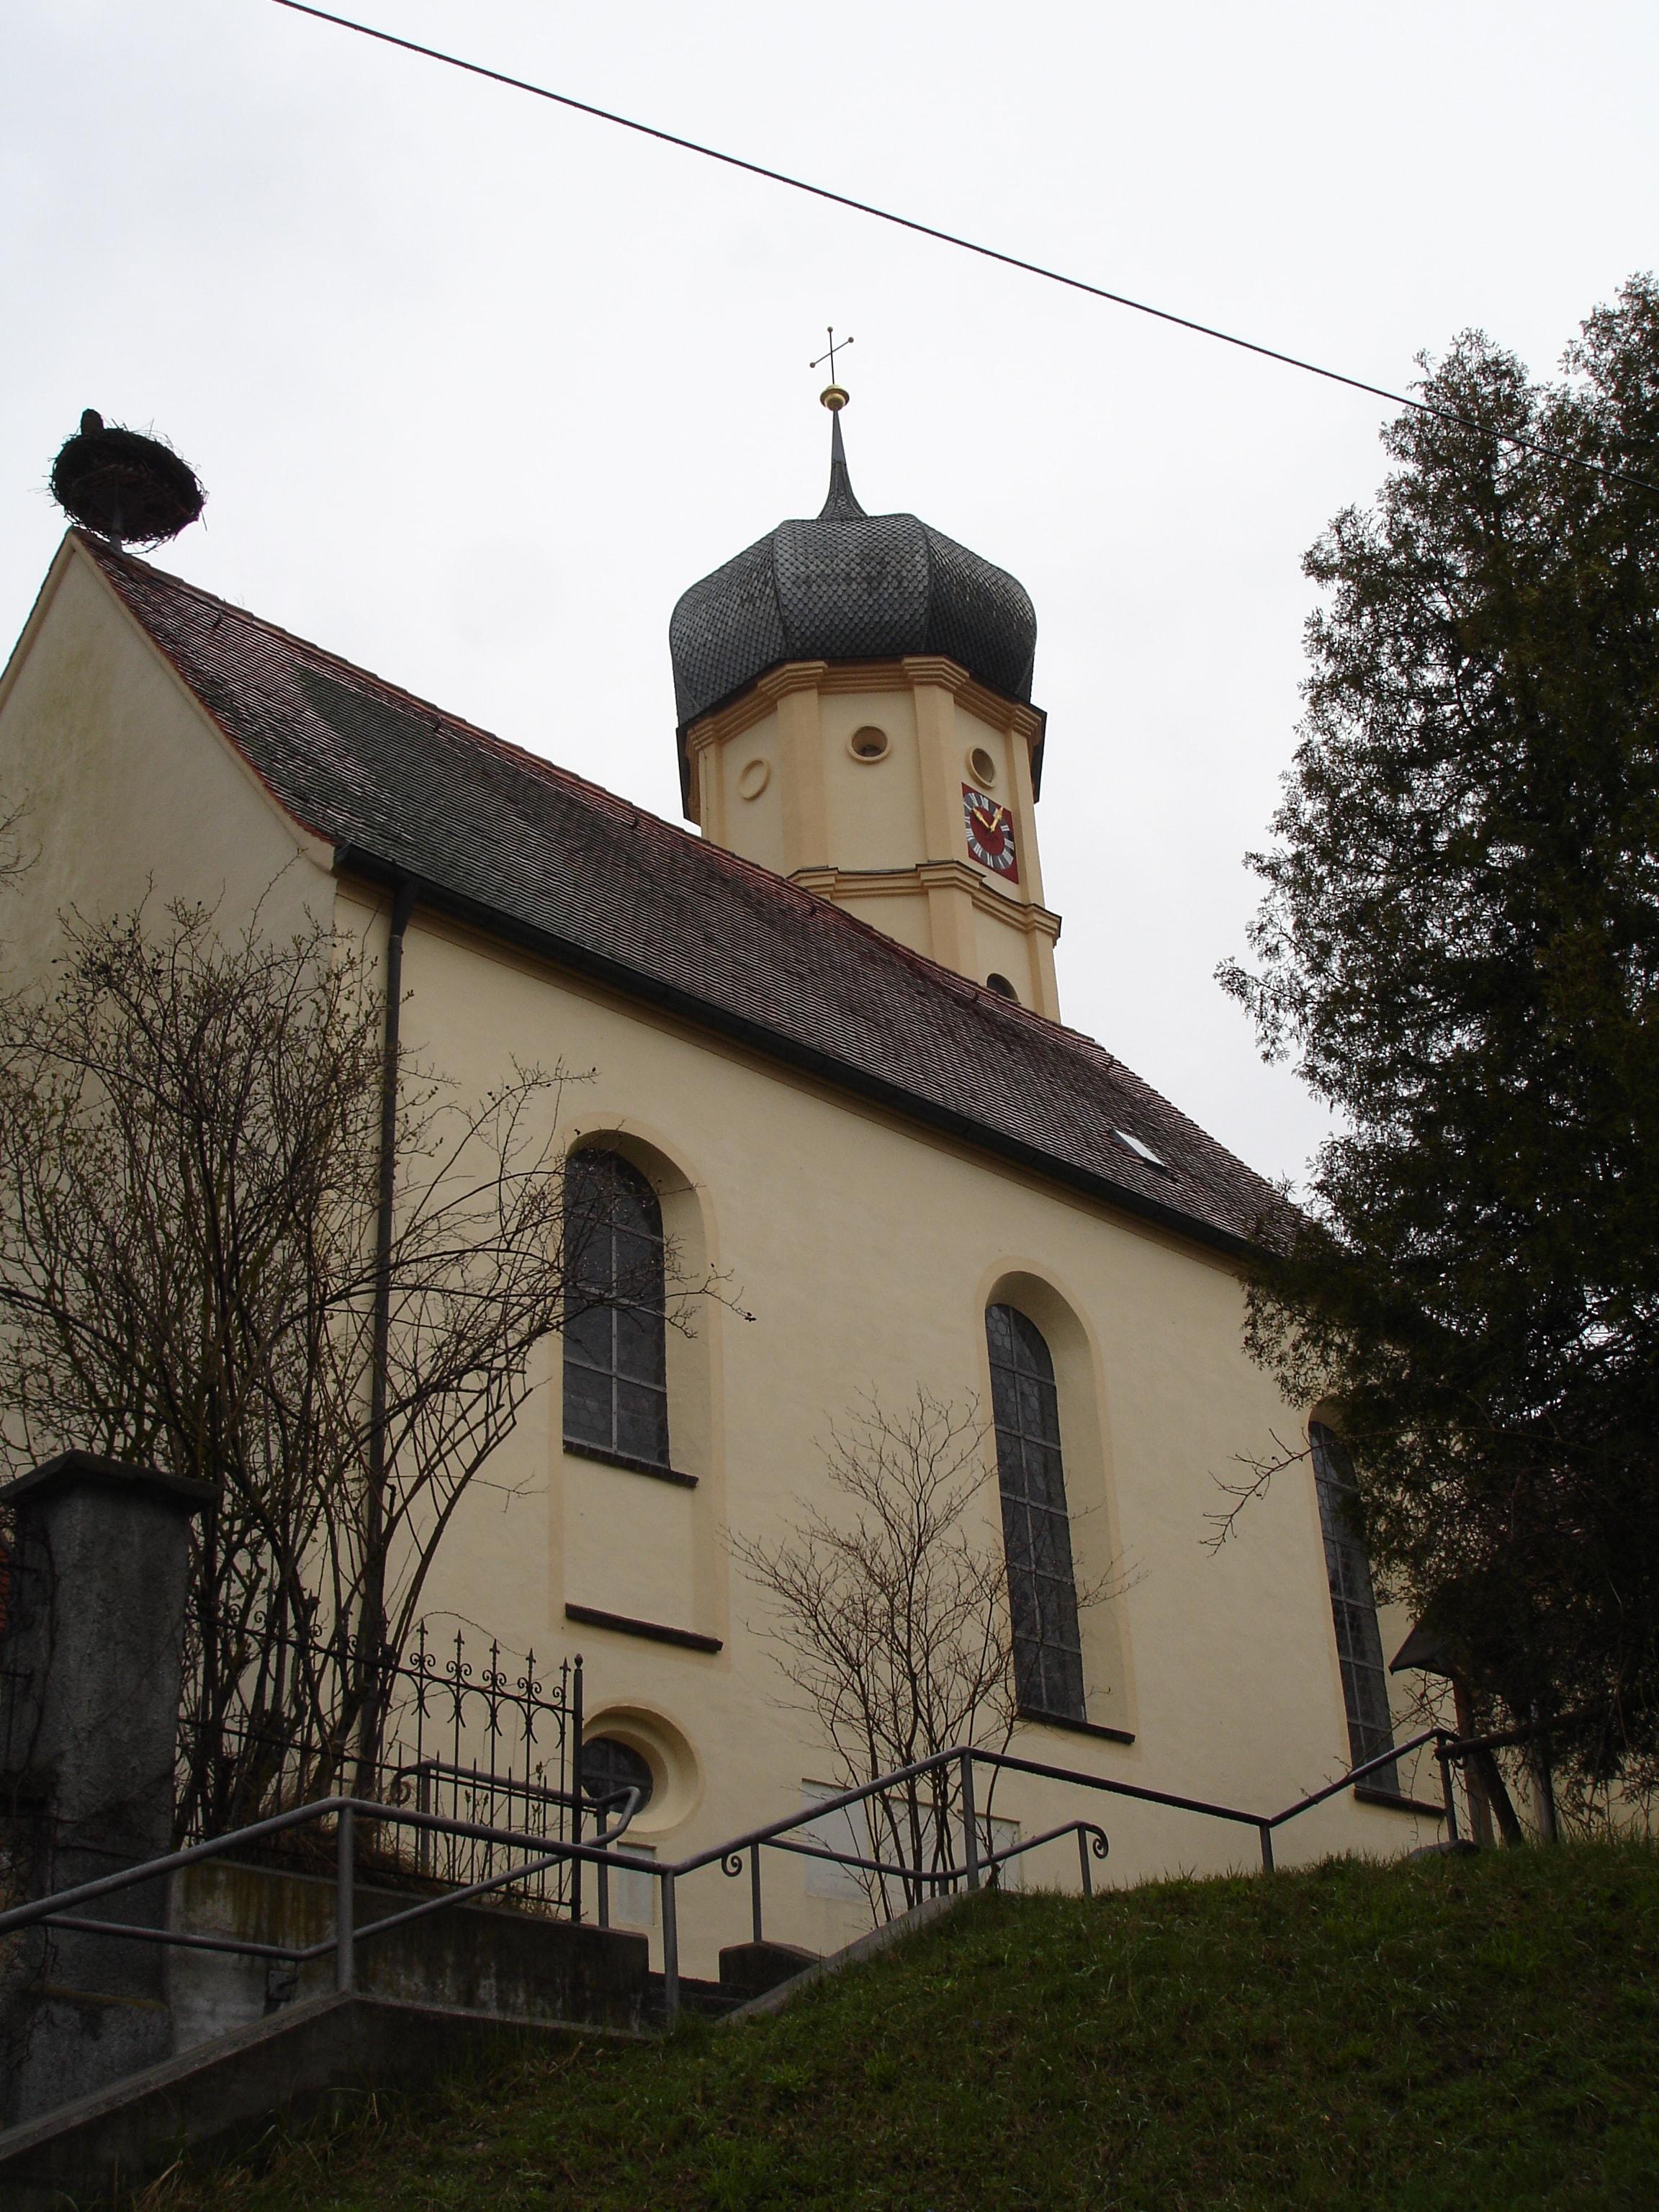 Alte_Kirche-min